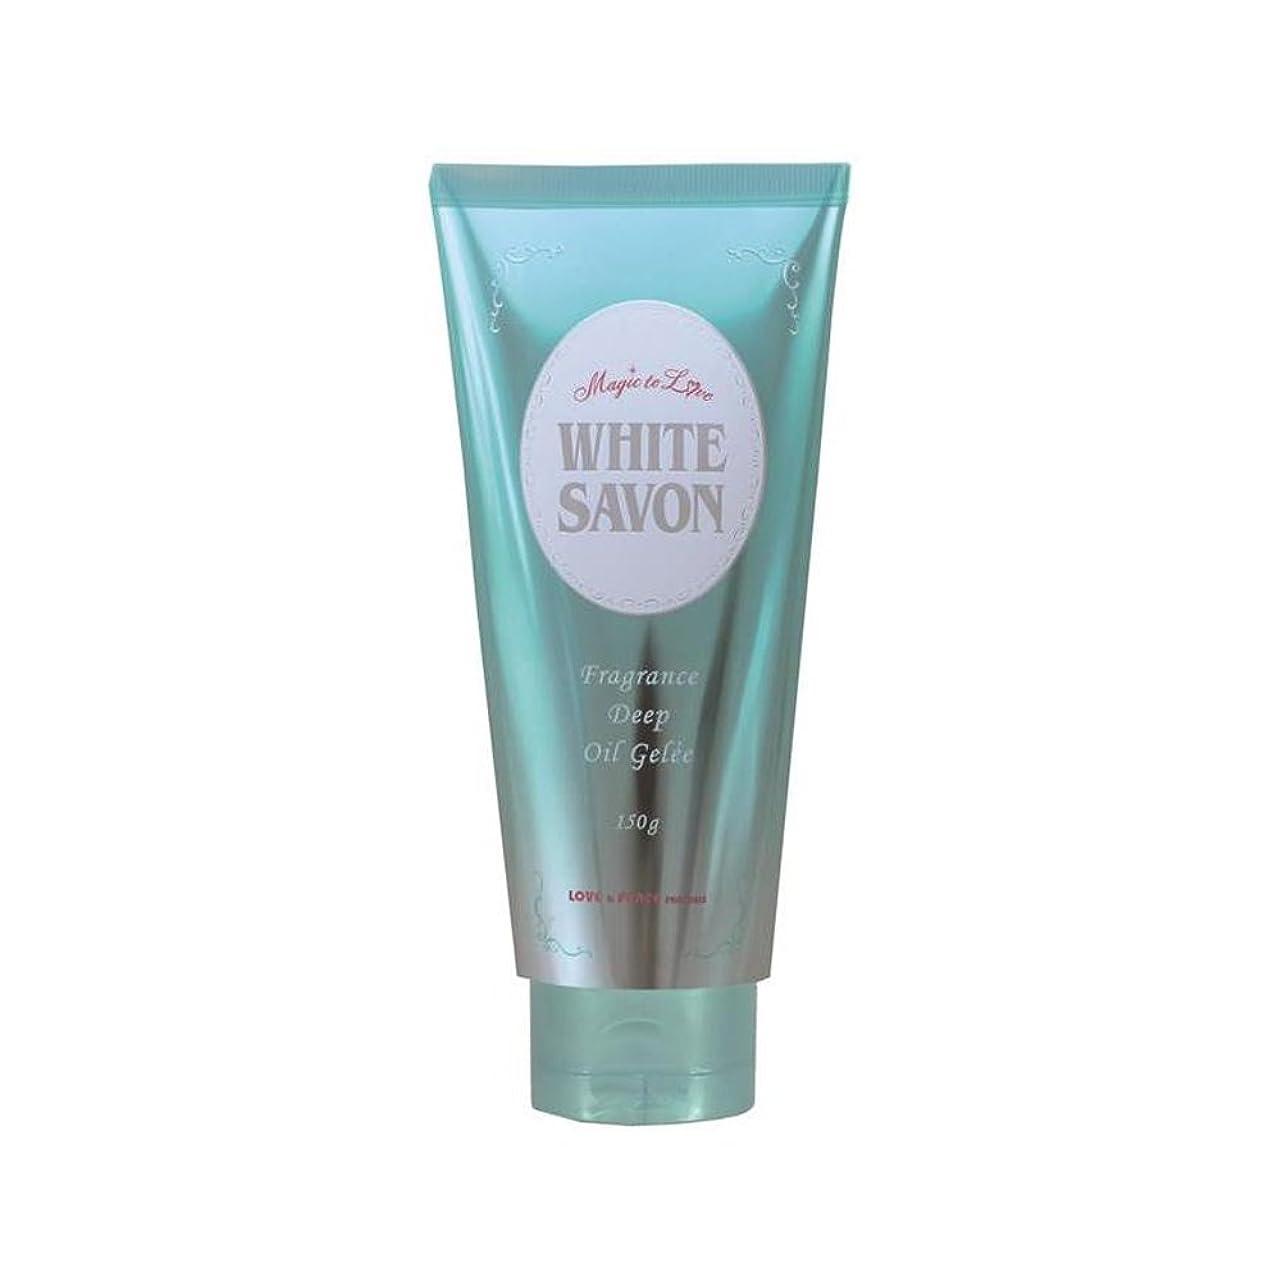 不健康コントロールパトロンマジックトゥラブ ホワイトシャボン フレグランス ディープ オイル ジュレ (150g)